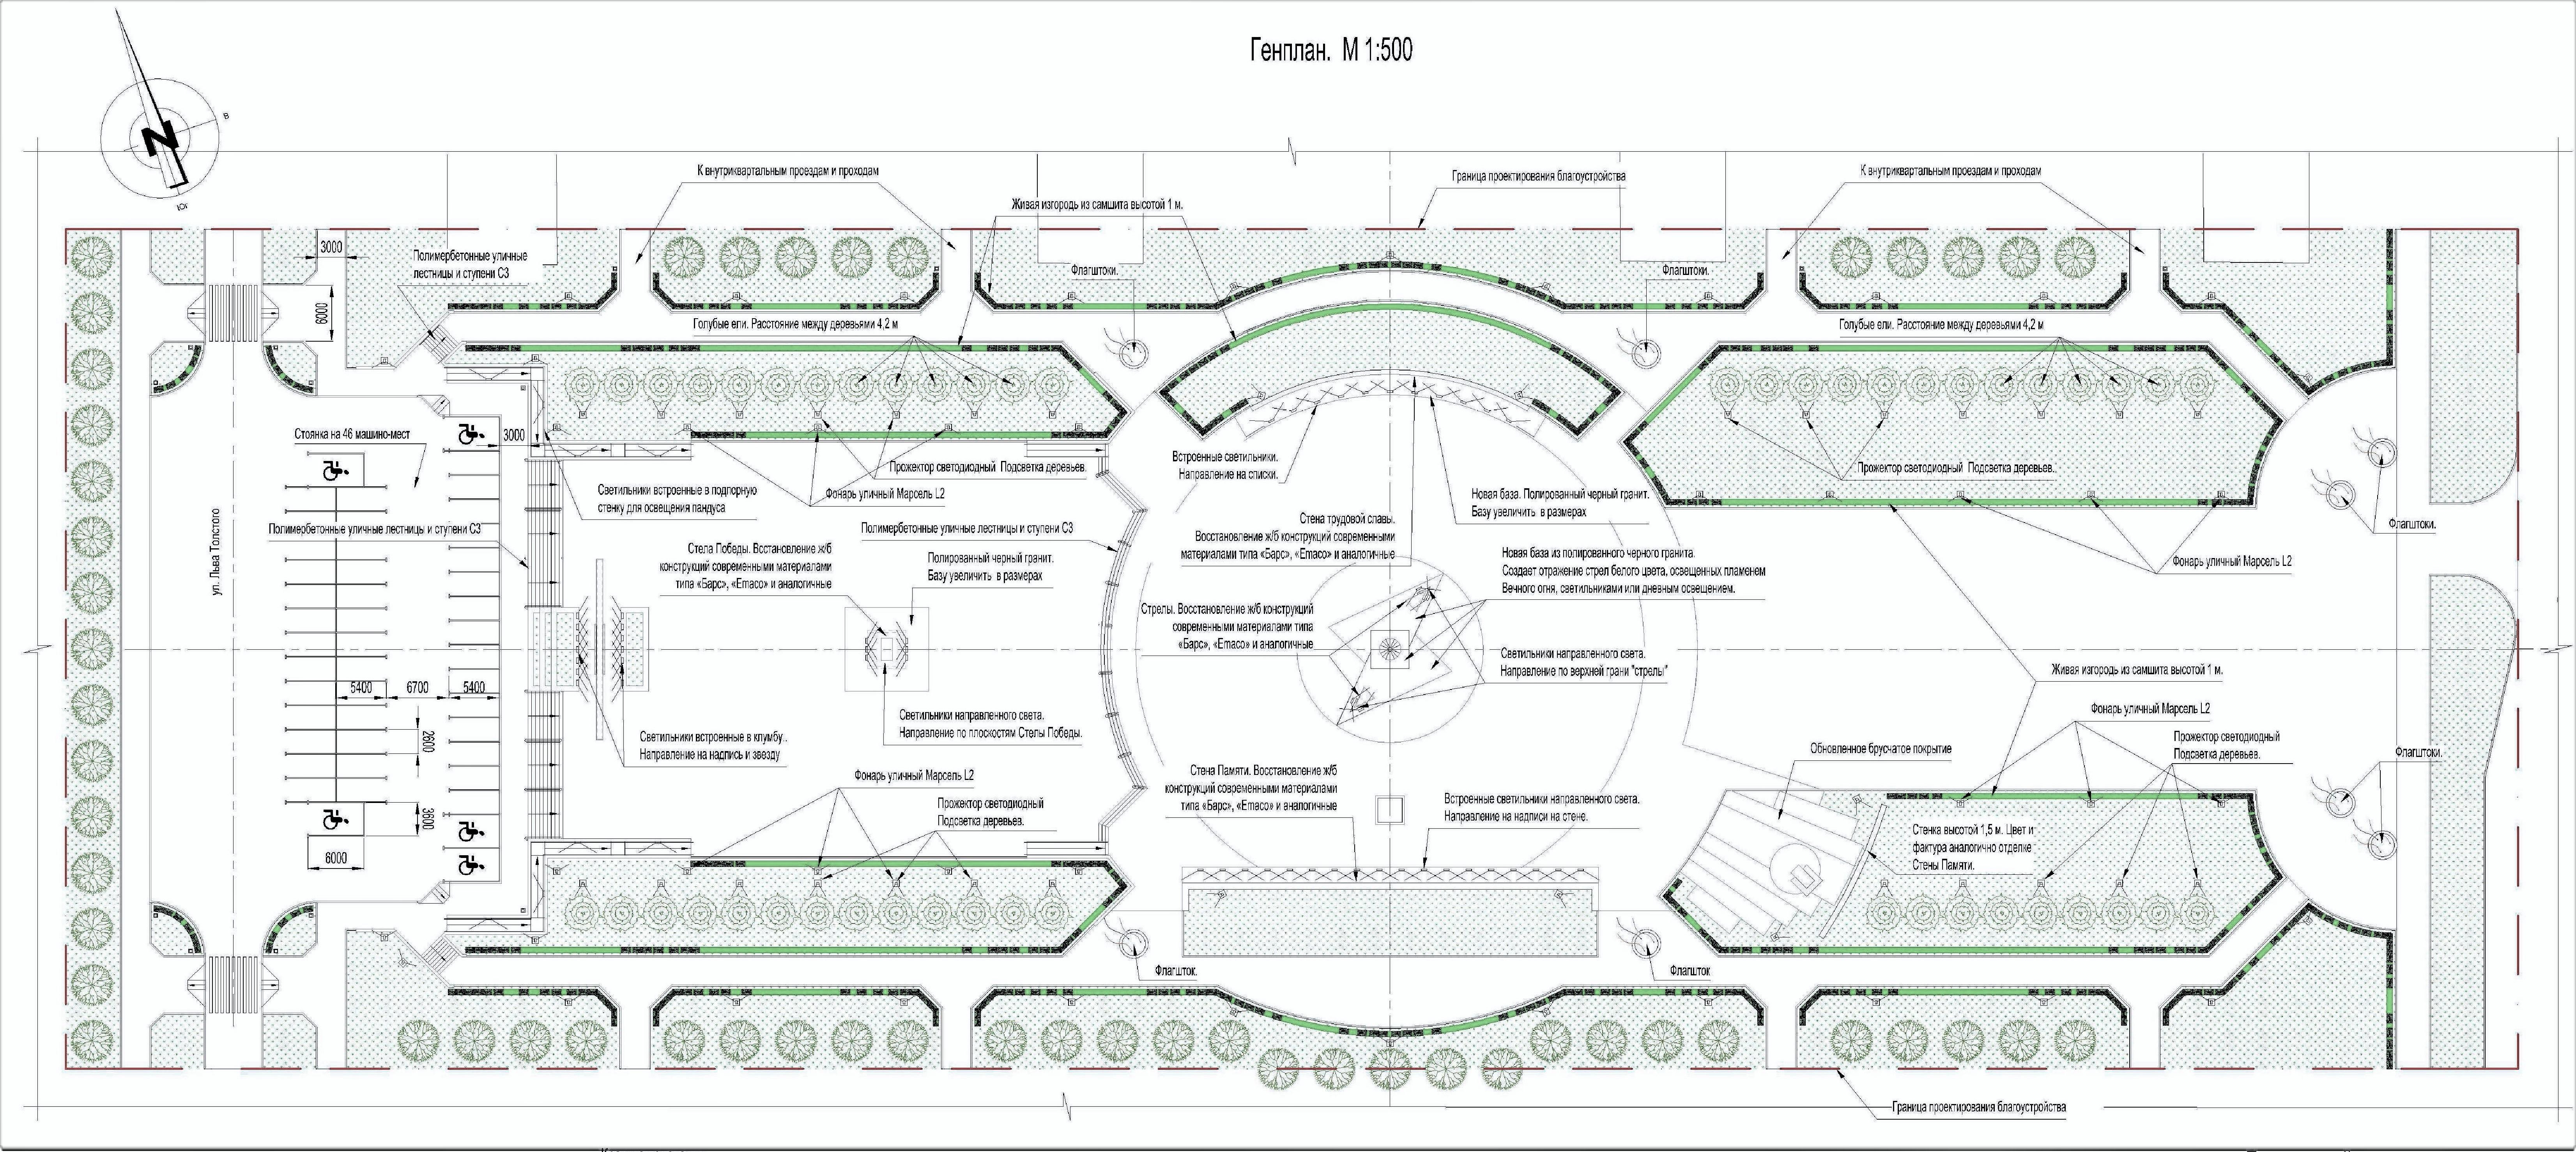 Эскизный проект реконструкции Мемориального комплекса, посвященного победе Советского Союза в Великой Отечественной войн